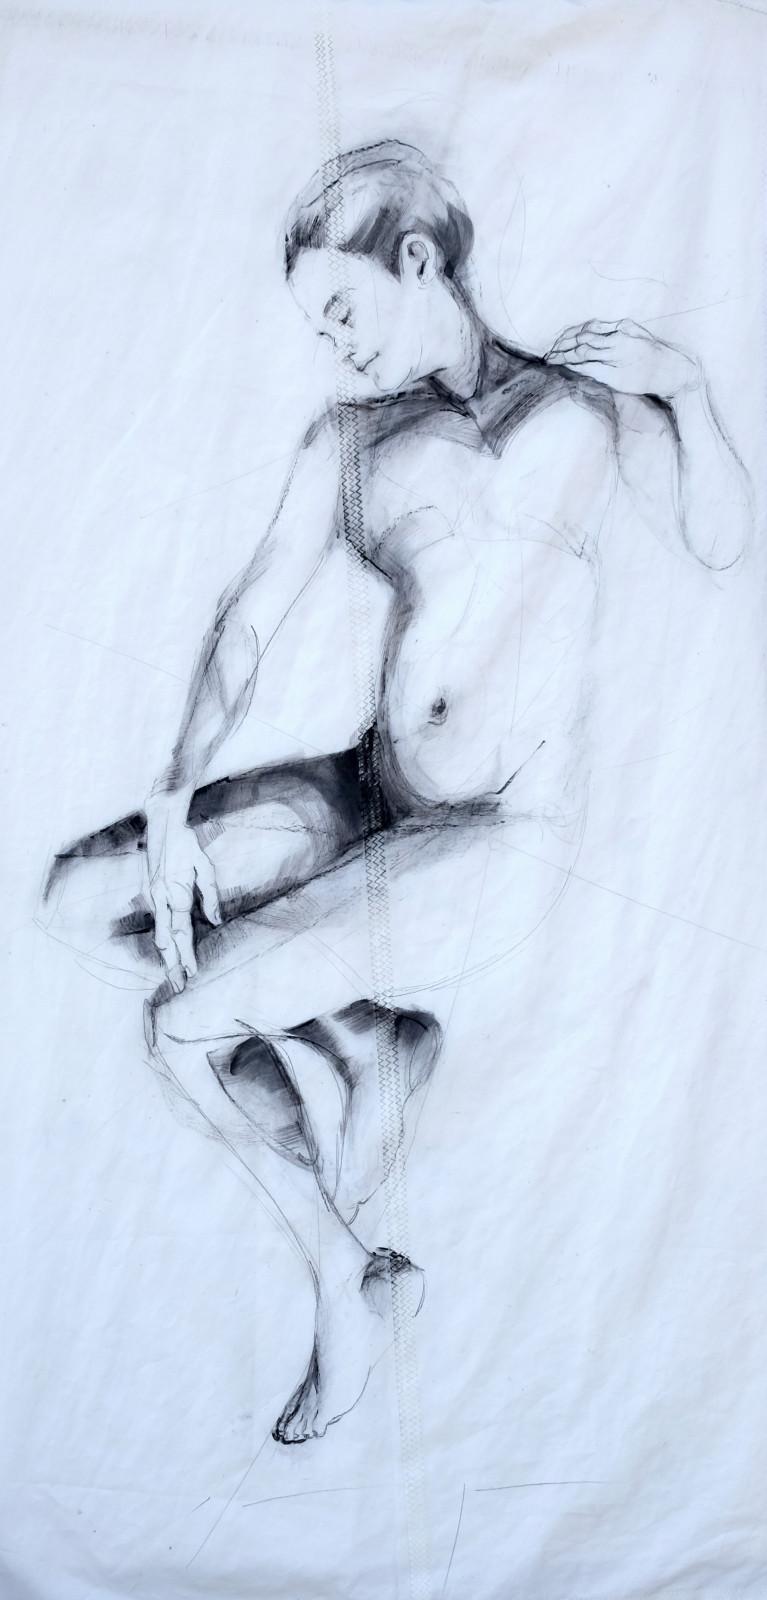 Reclining Woman 1 | Original Artwork | Koetzier van Hooff